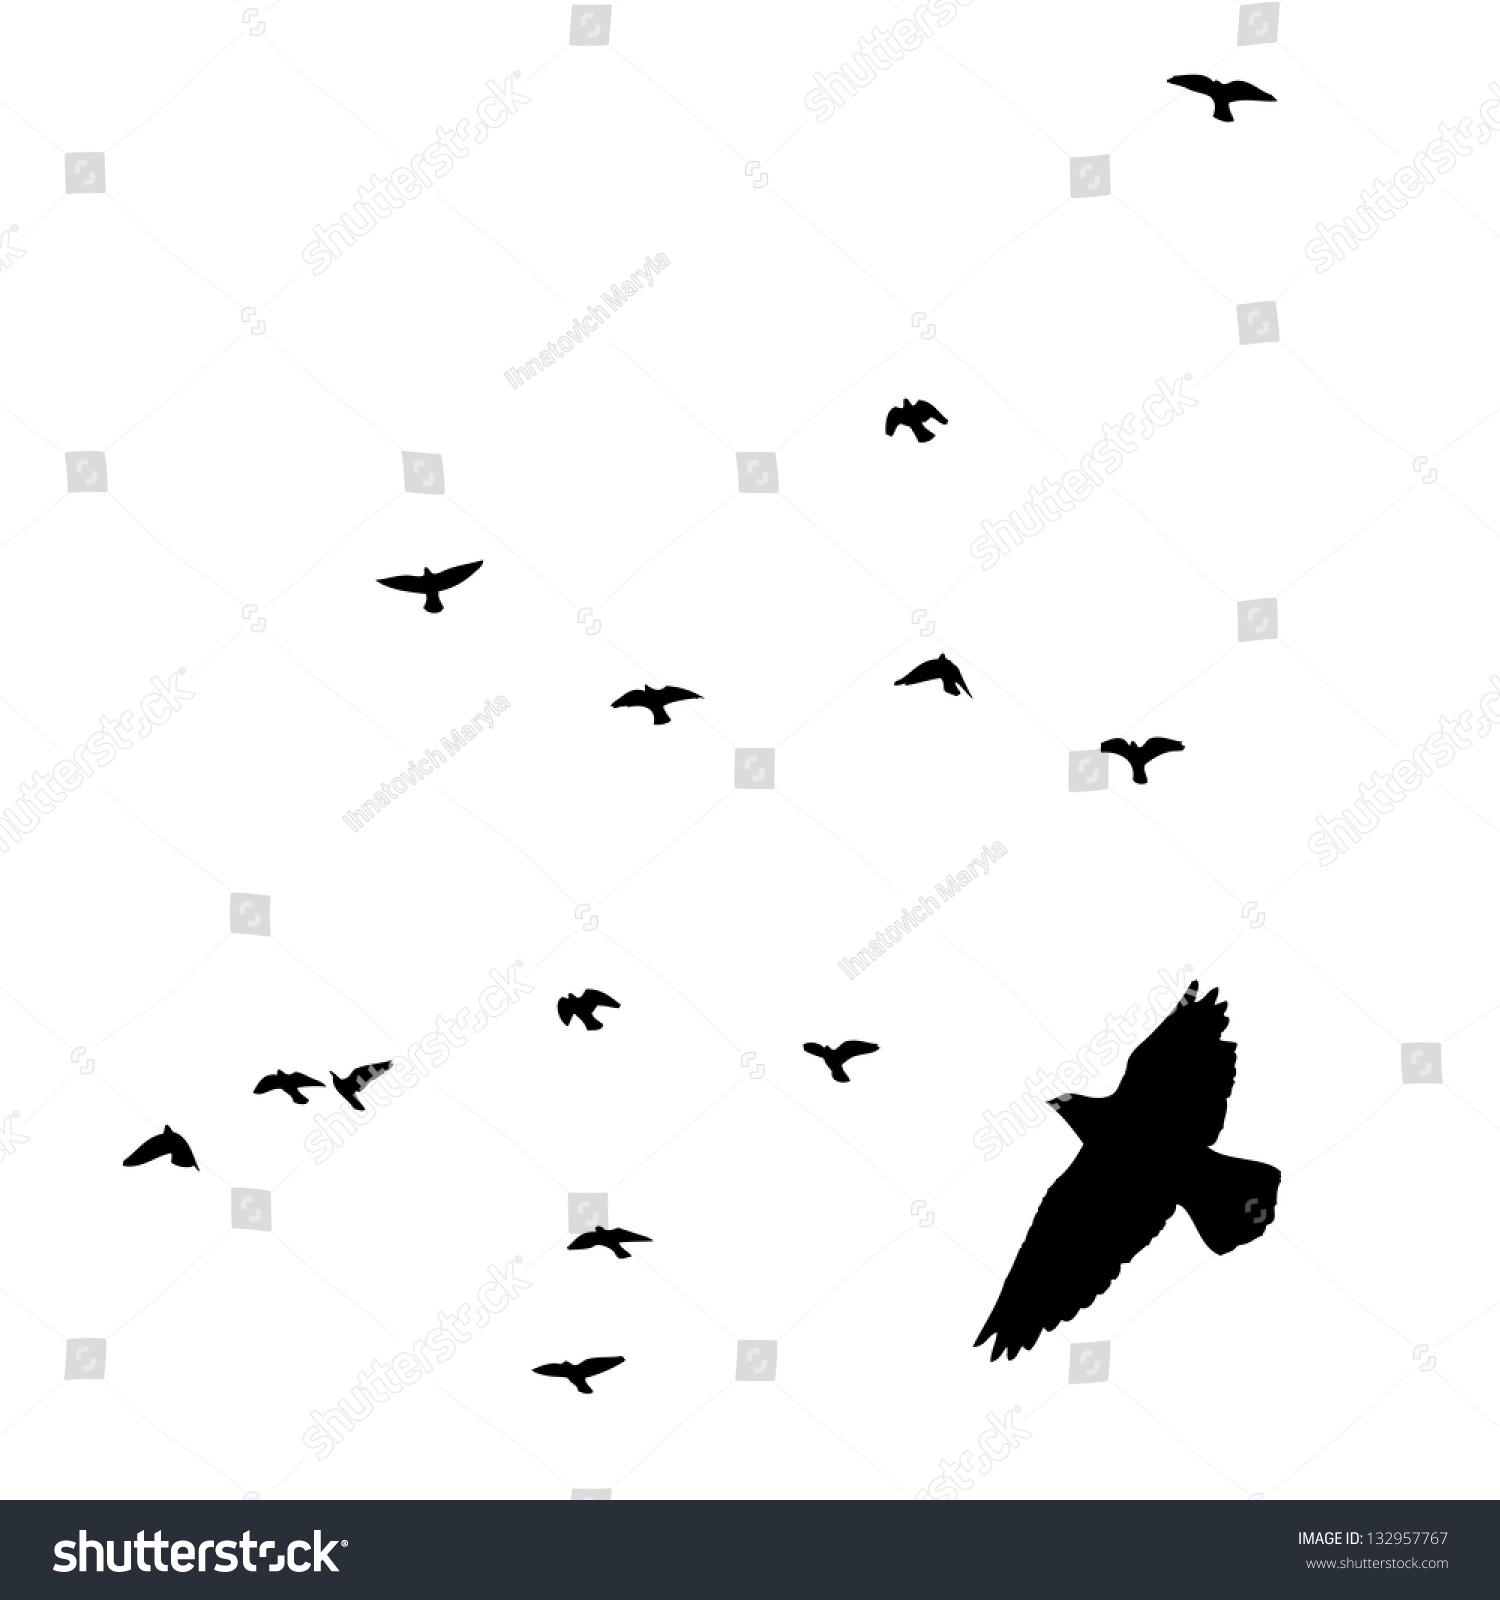 Stock Photo Flying Birds In The Sky Raster